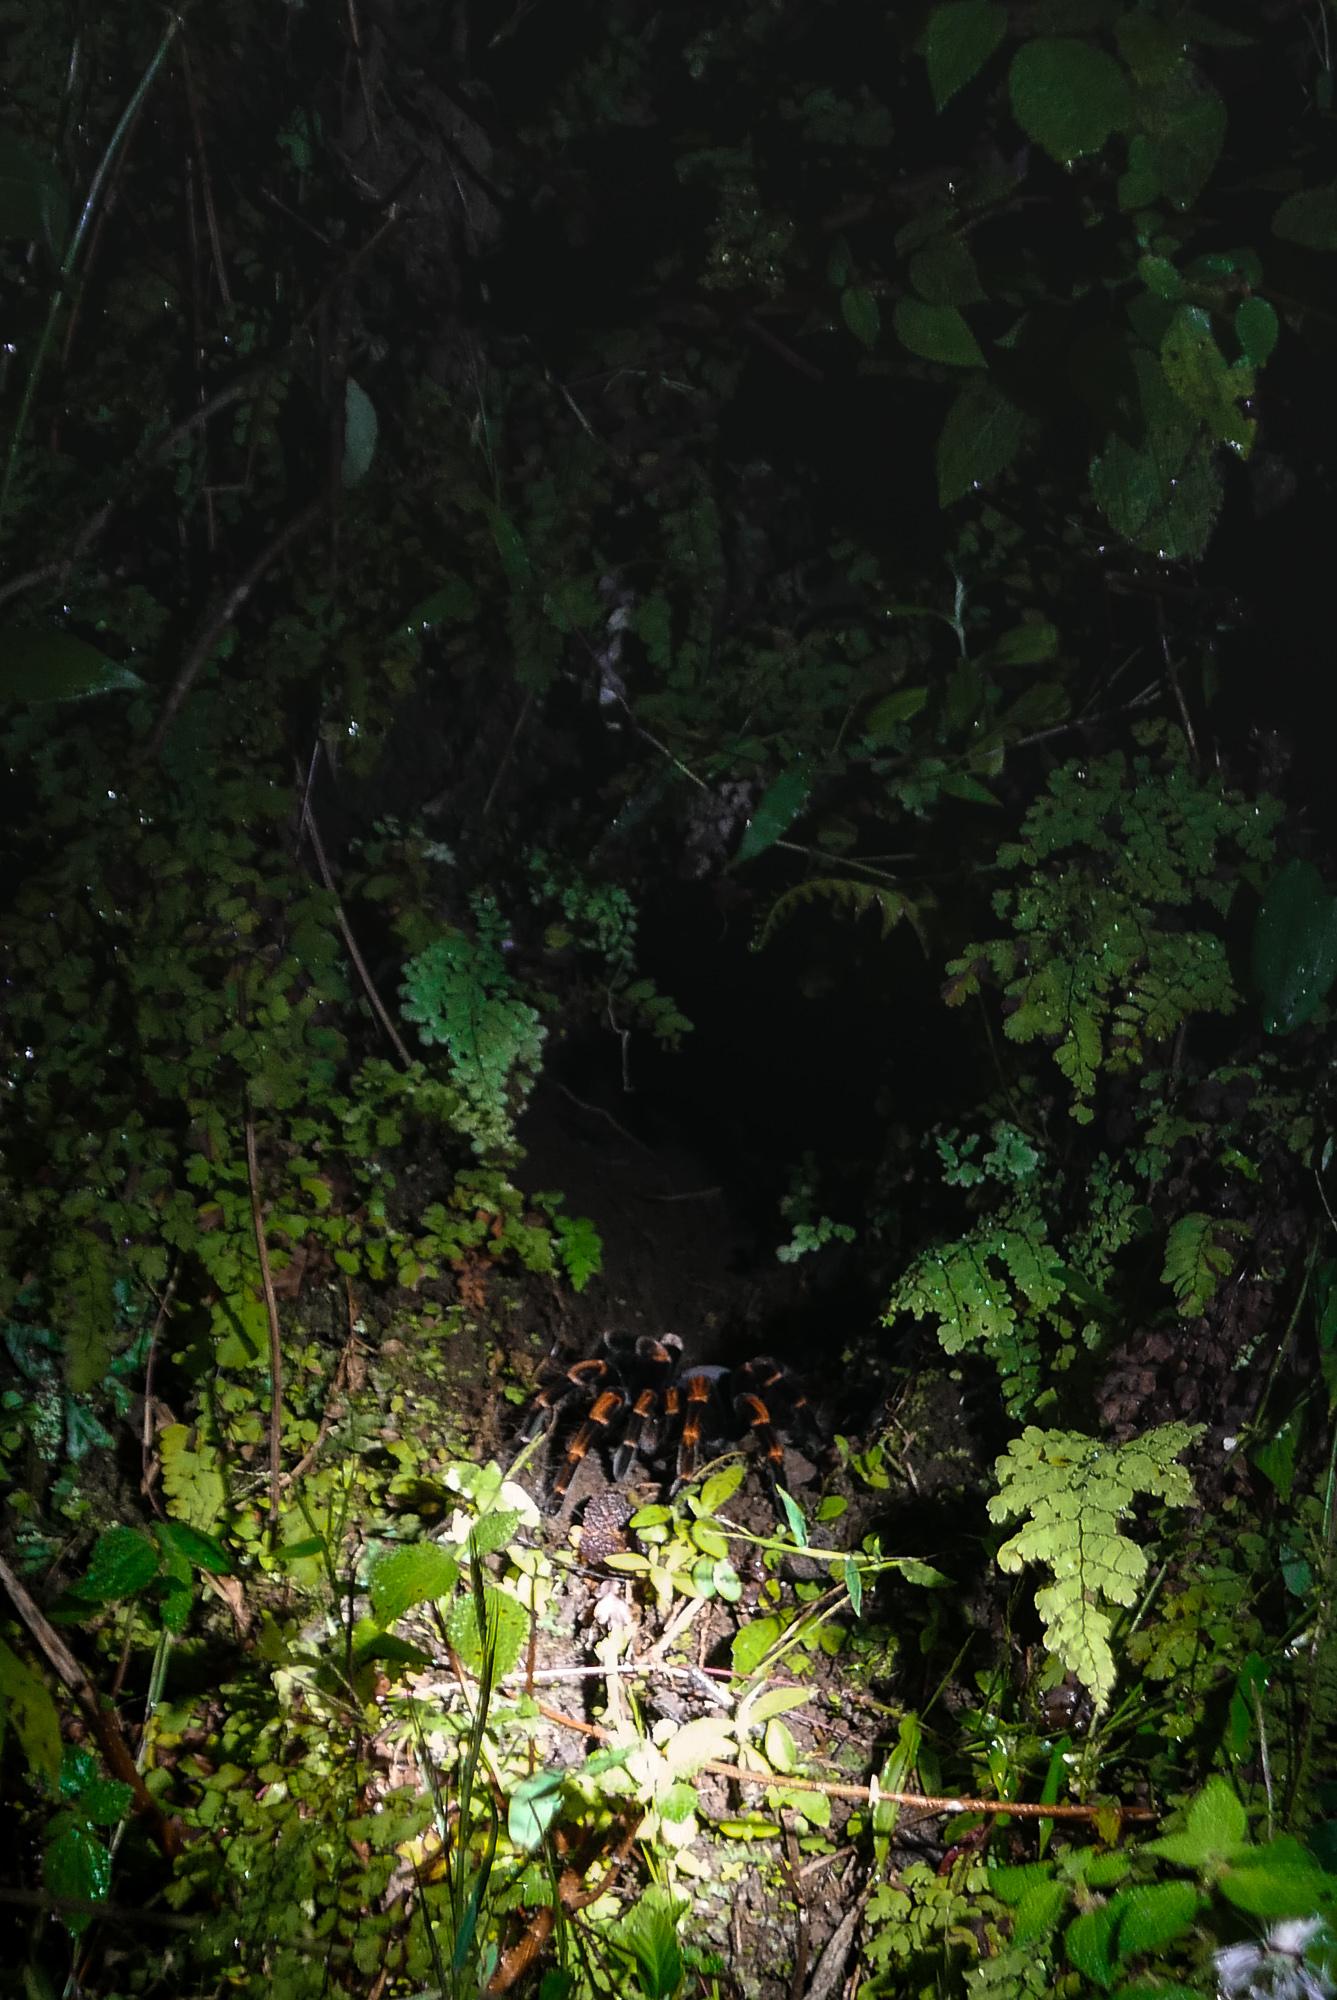 Tarantula mum watching the nest